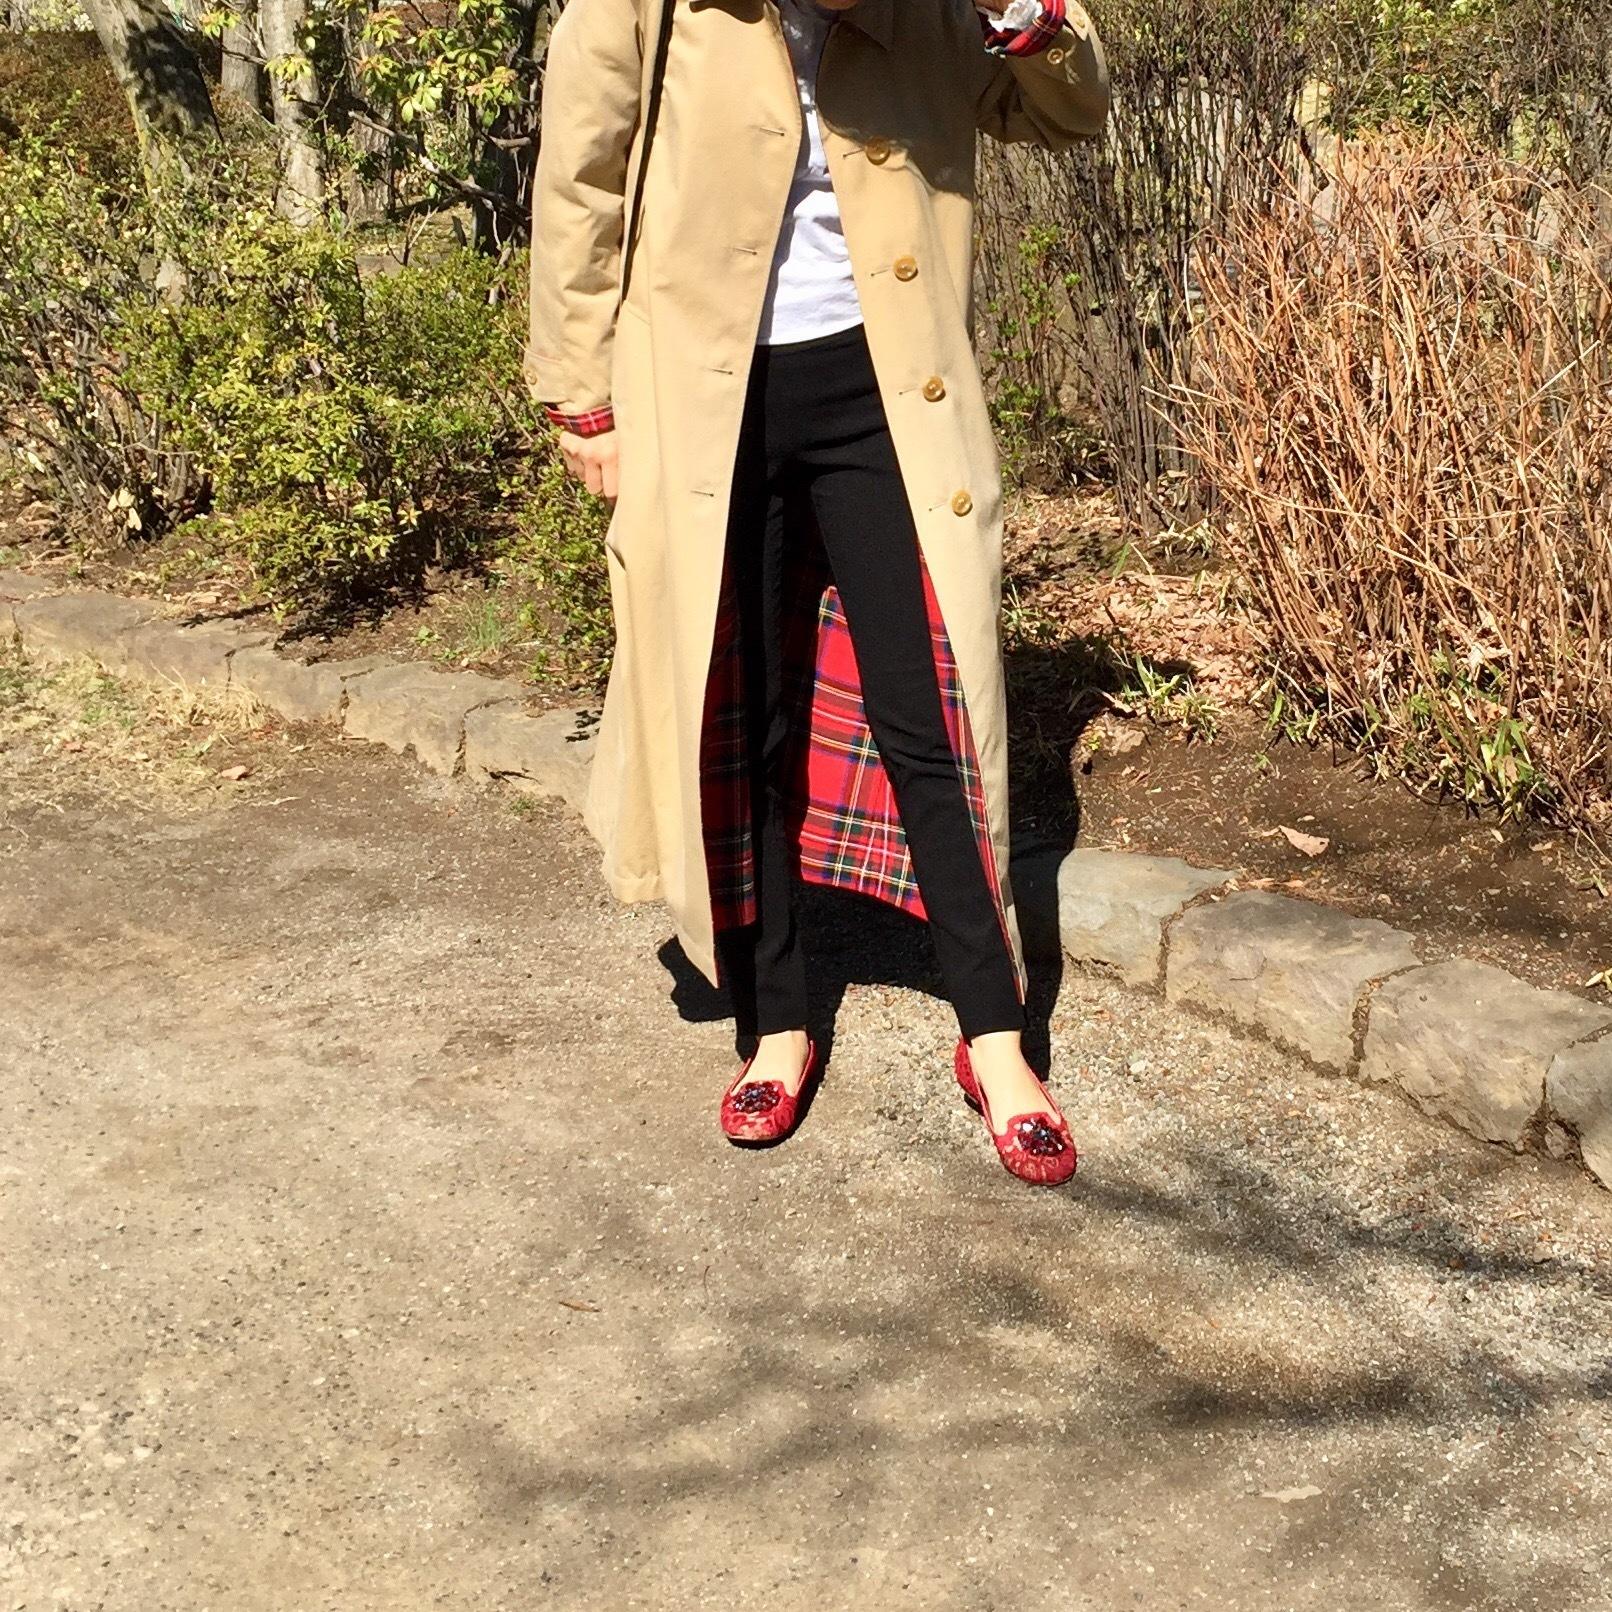 今こそ出番だ!「トレンチコート」美女組さんの春の着こなし【マリソル美女組ブログPICK UP】_1_1-1